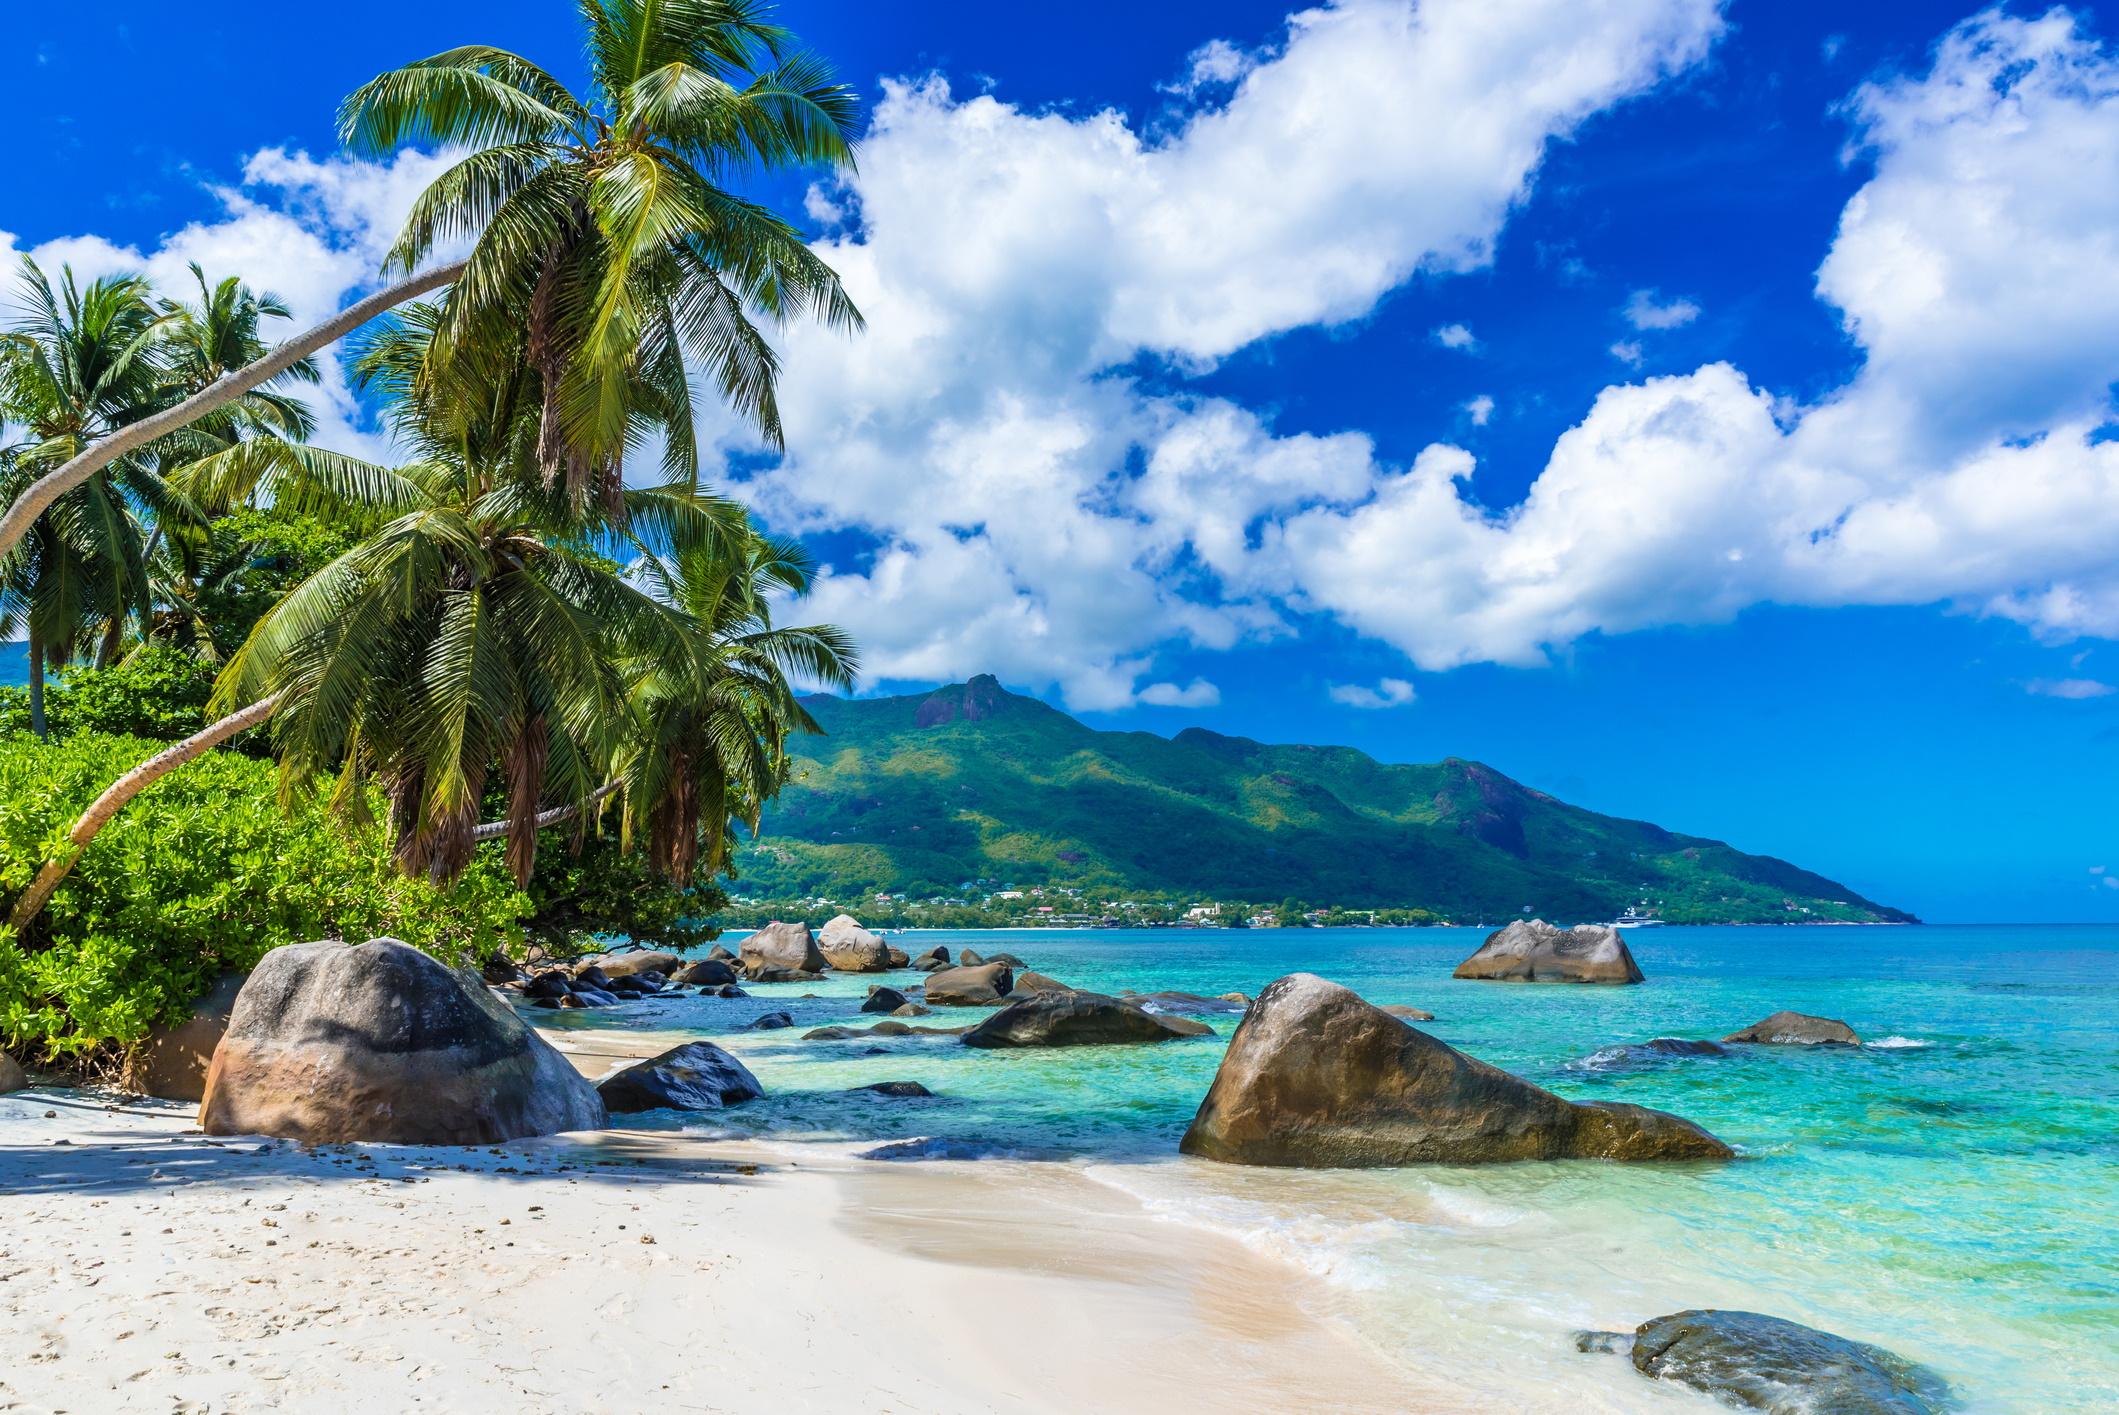 <p><strong>Сейшелските острови</strong></p>  <p>Това райско кътче, разположено край източния бряг на Африка изчезва заради безпрецедентно покачване на морското равнище, което е сериозен риск за островите.</p>